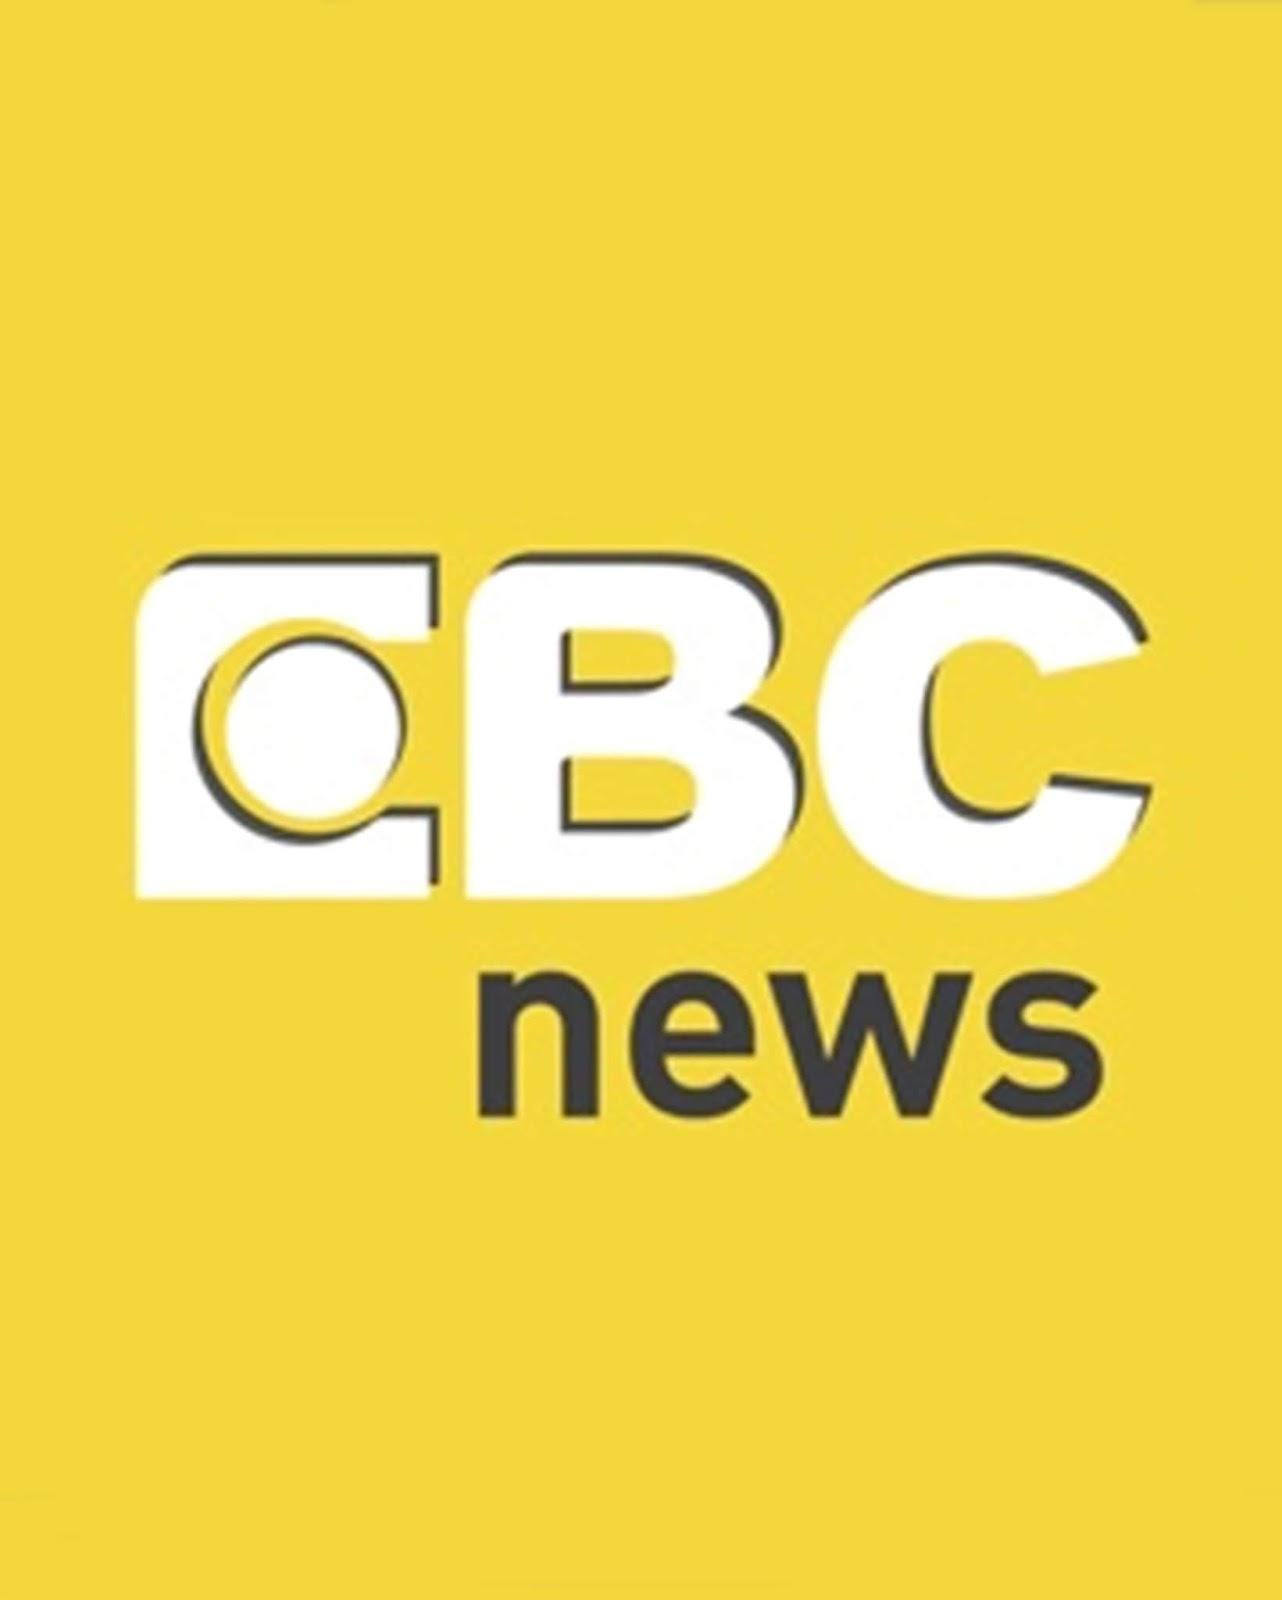 東森新聞台 - Taiwantv ebc news Live (2020)